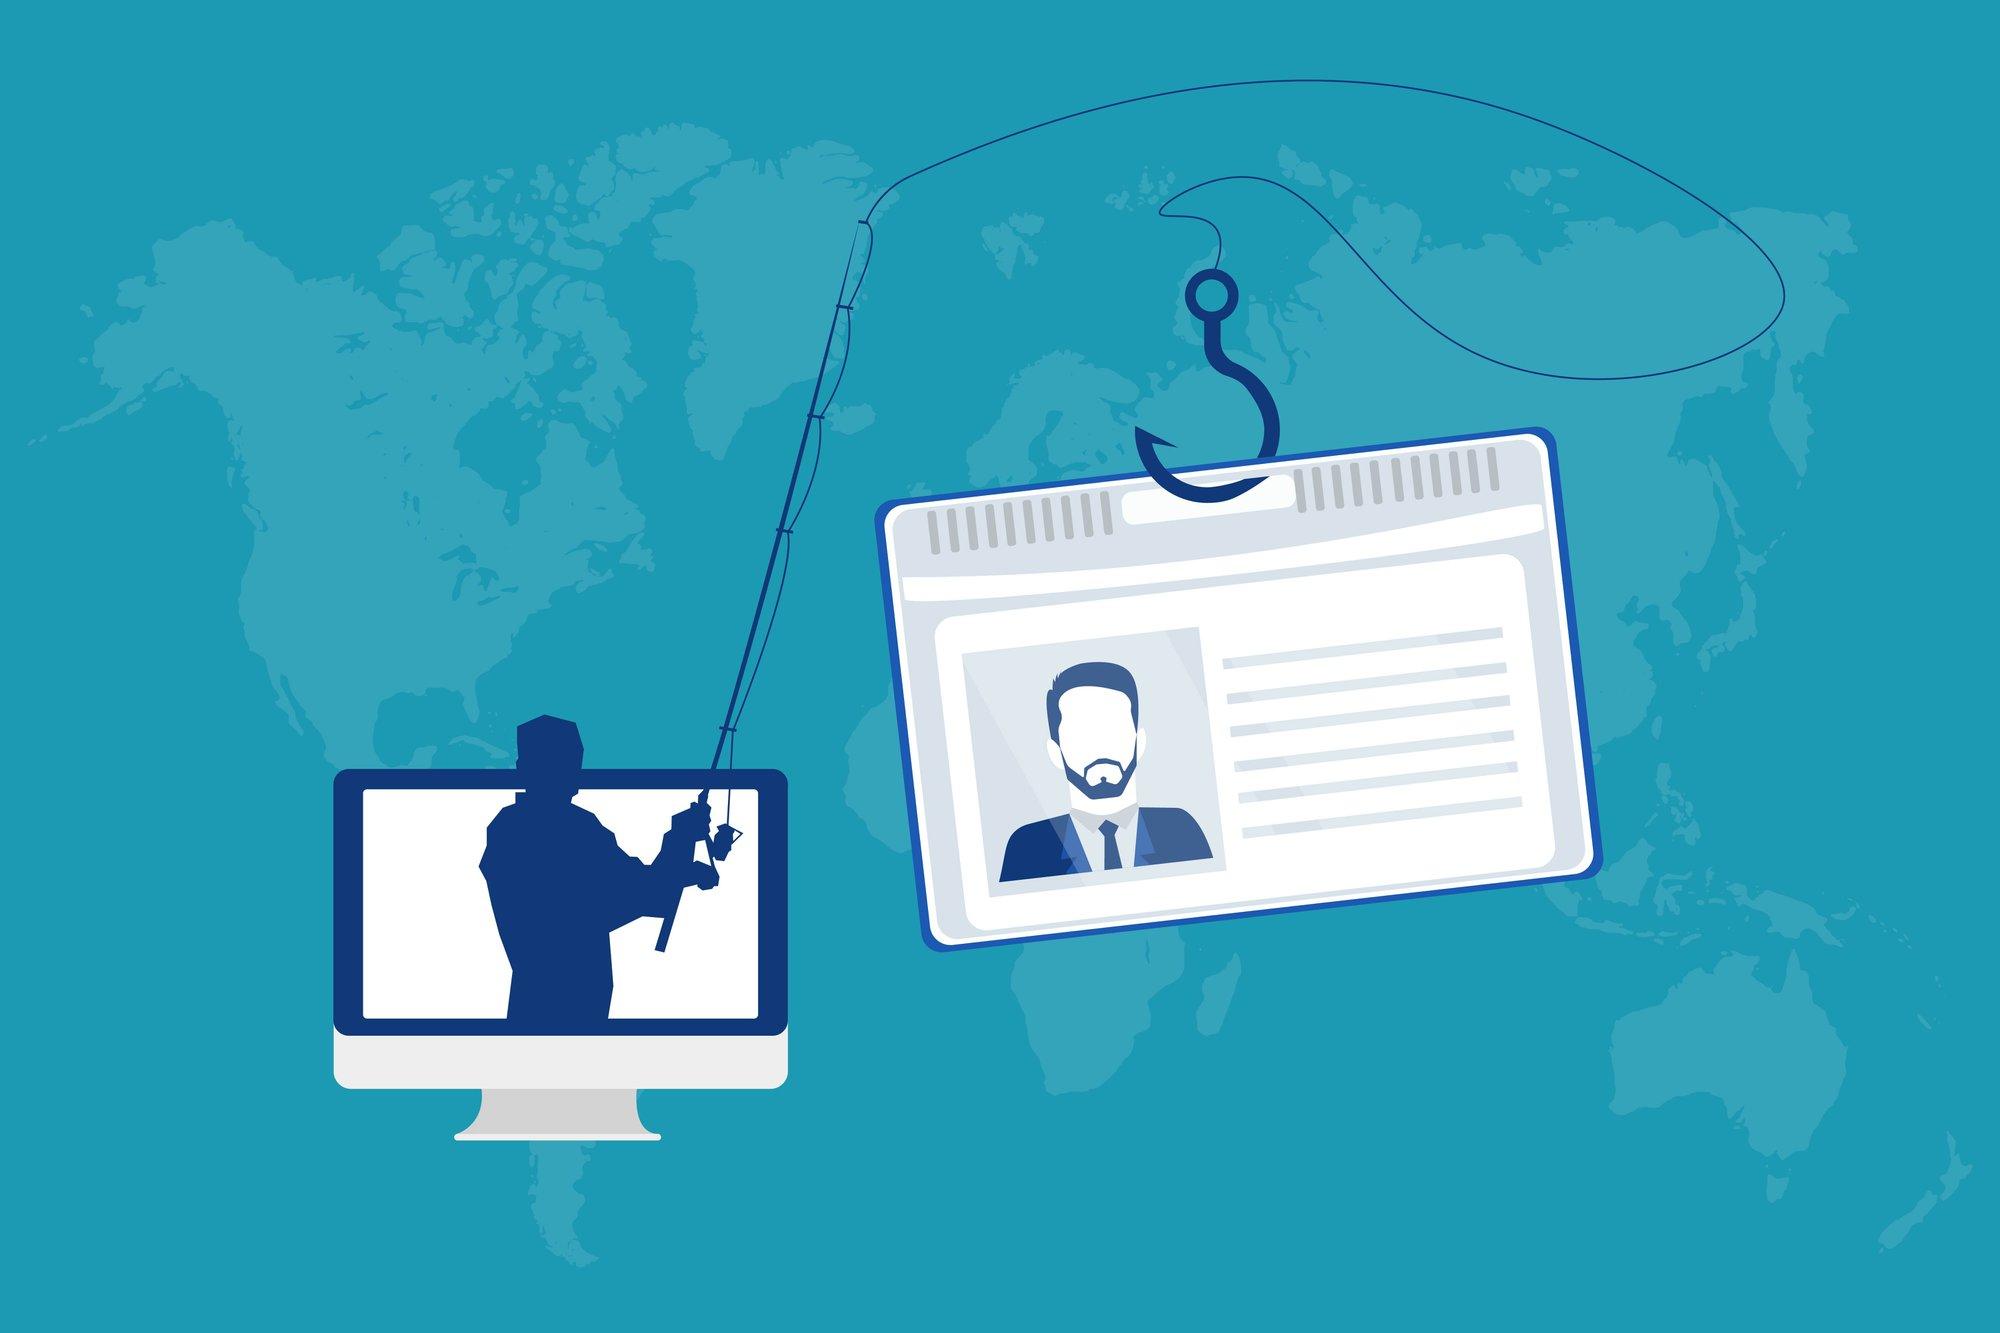 Identiteitsfraude herkennen, aanpakken en voorkomen